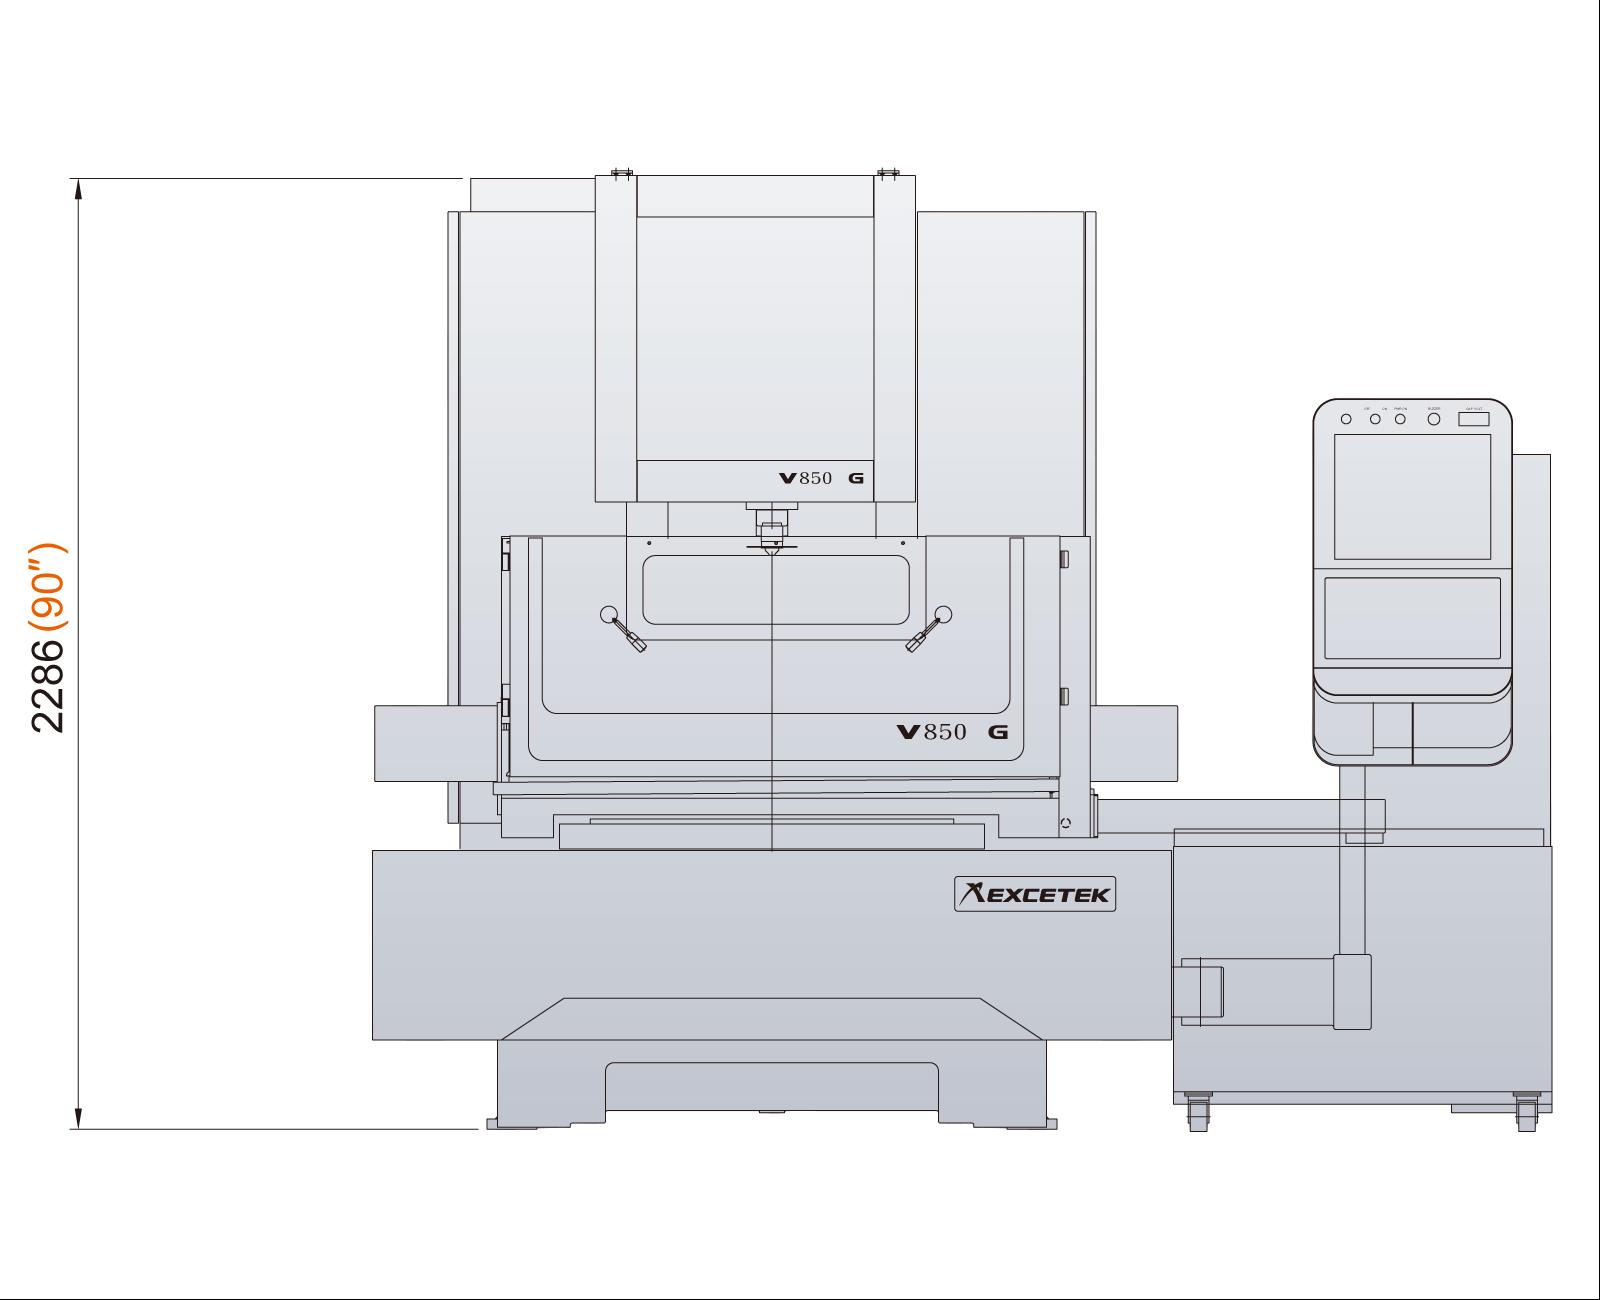 Excetek V850G dimensions